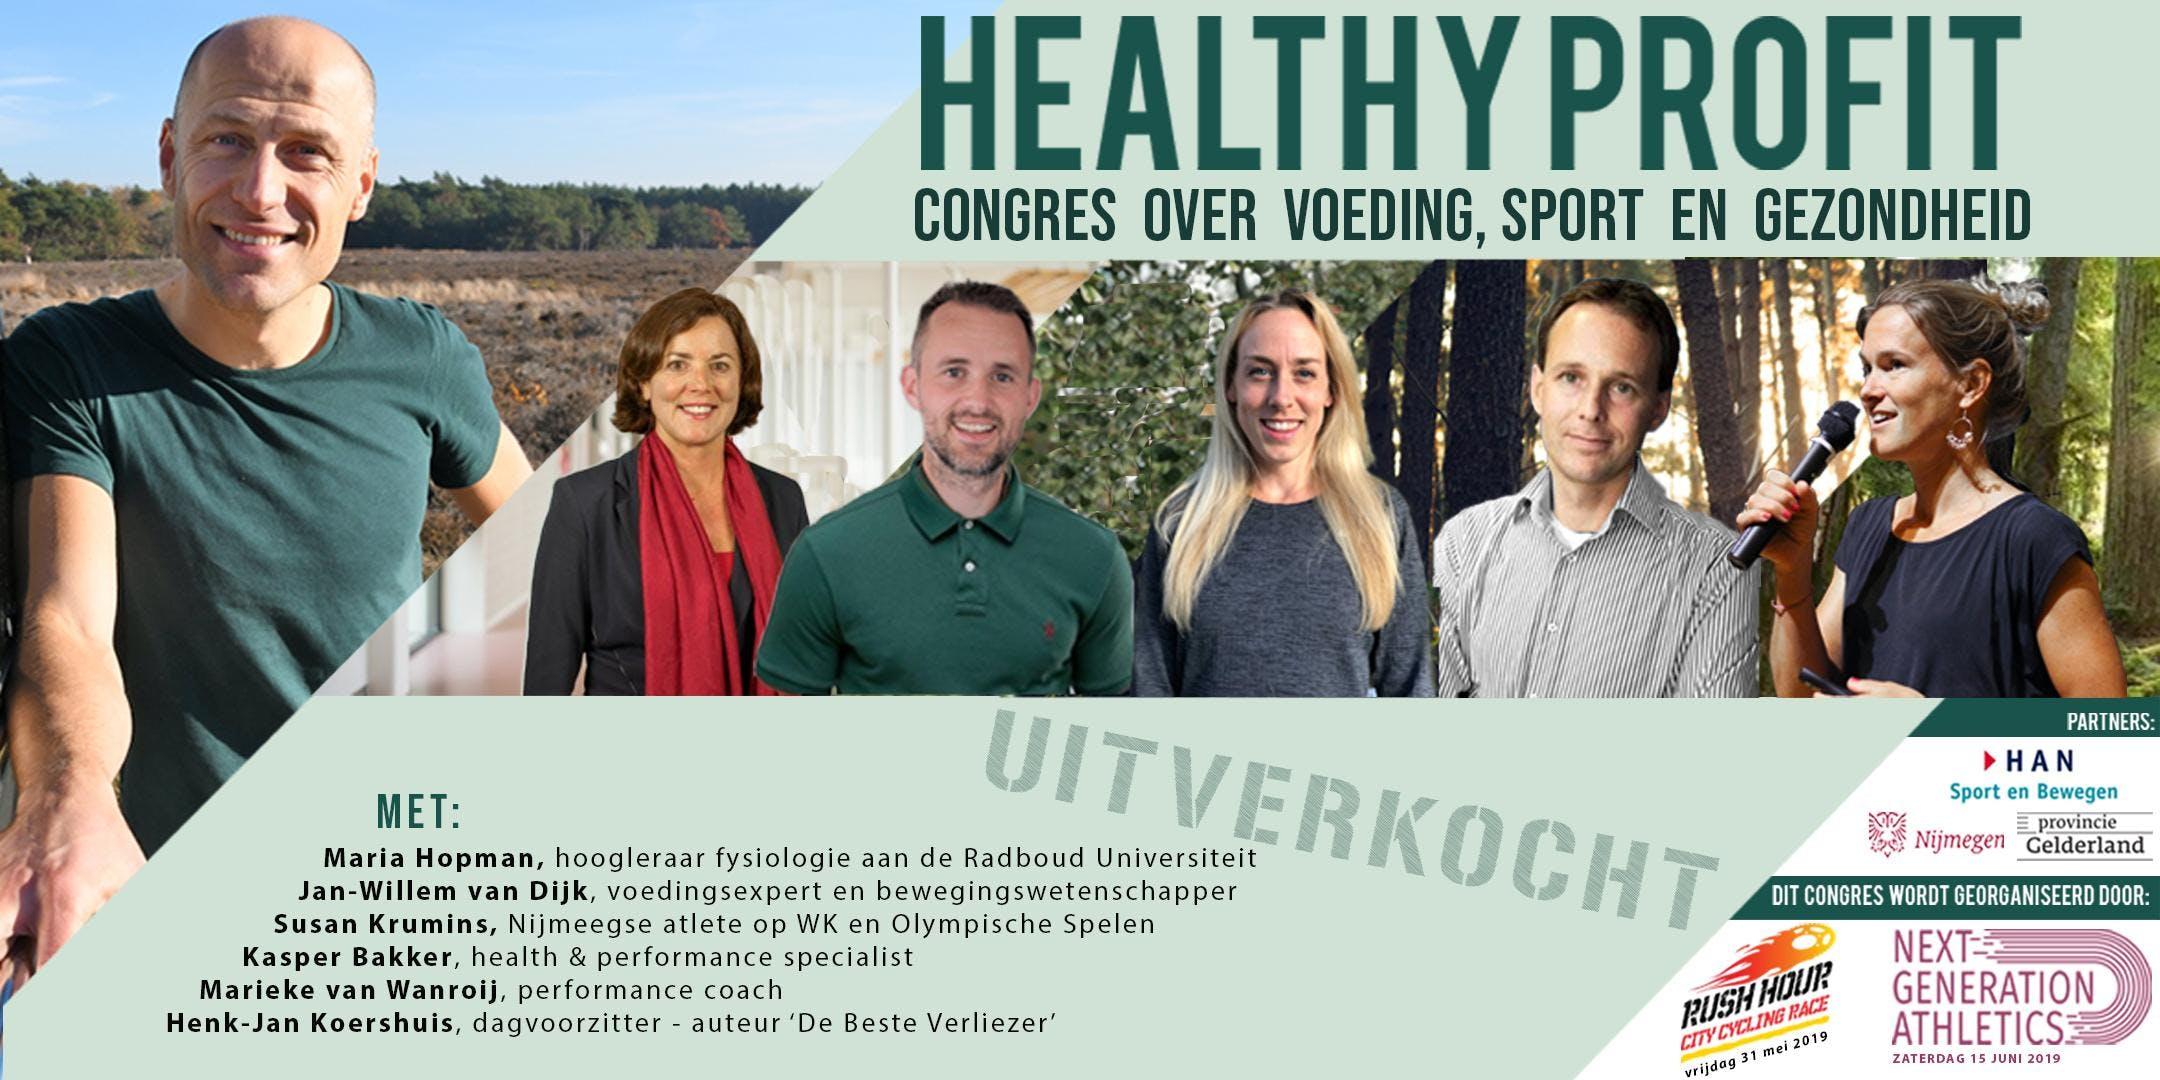 Healthy Profit | Congres over voeding, sport en gezondheid